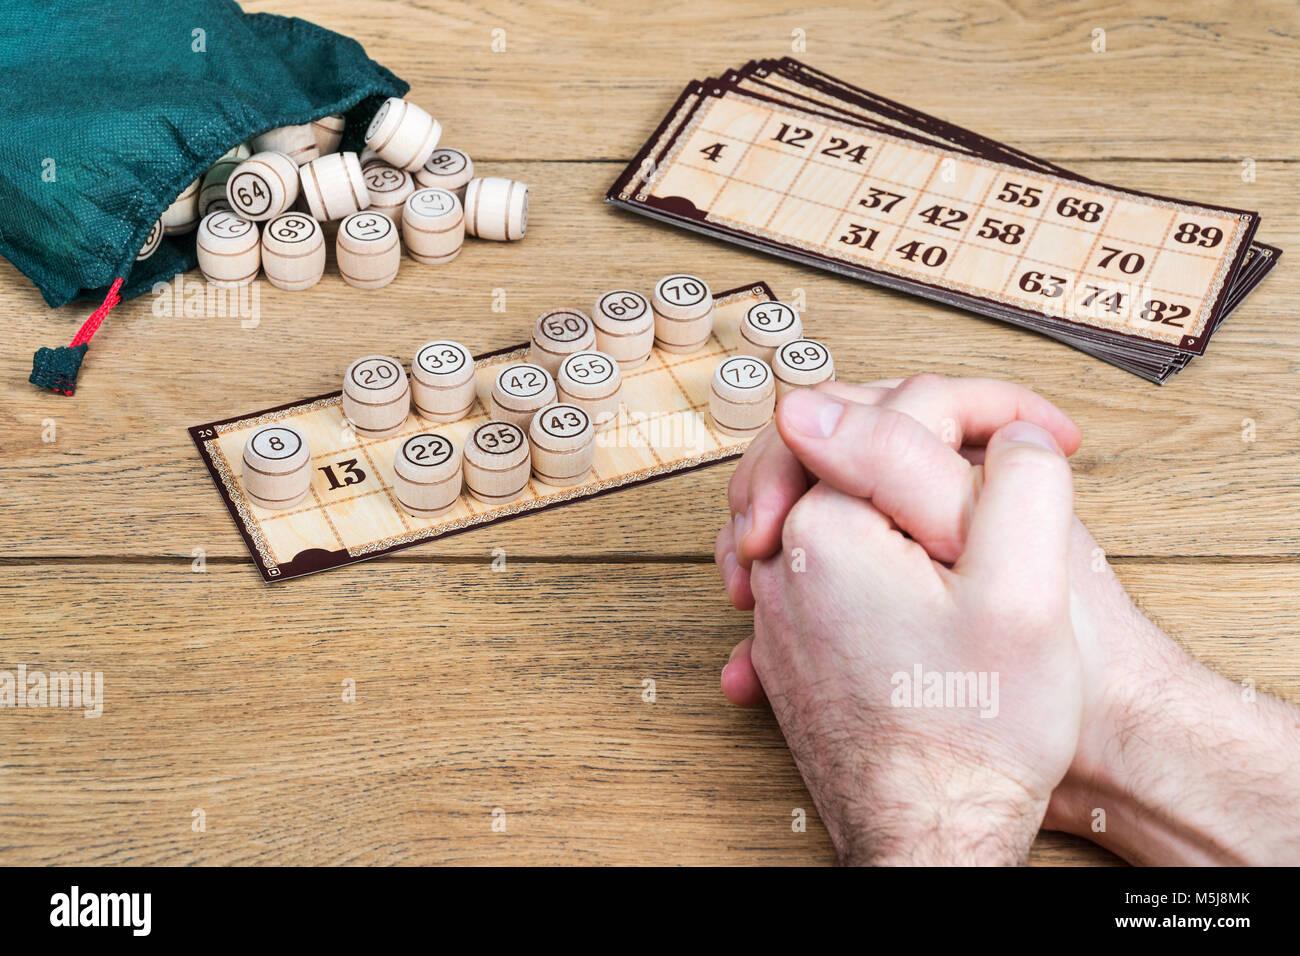 Numéro treize dans un jeu de bingo Photo Stock